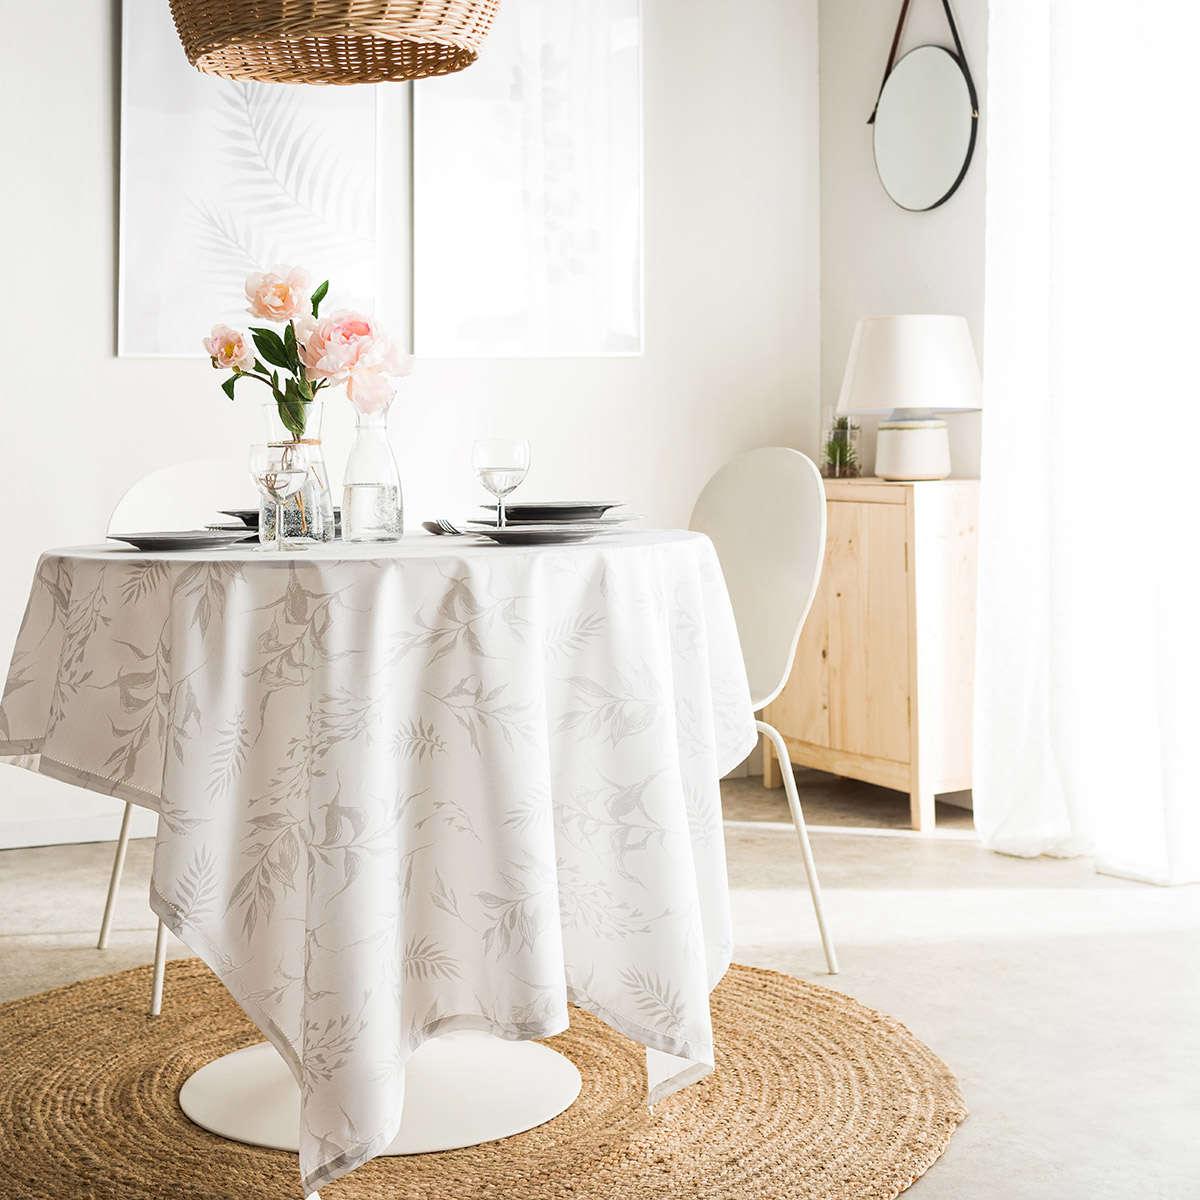 Τραπεζομάντηλο Eviana 142 Ivory Gofis Home 150X250